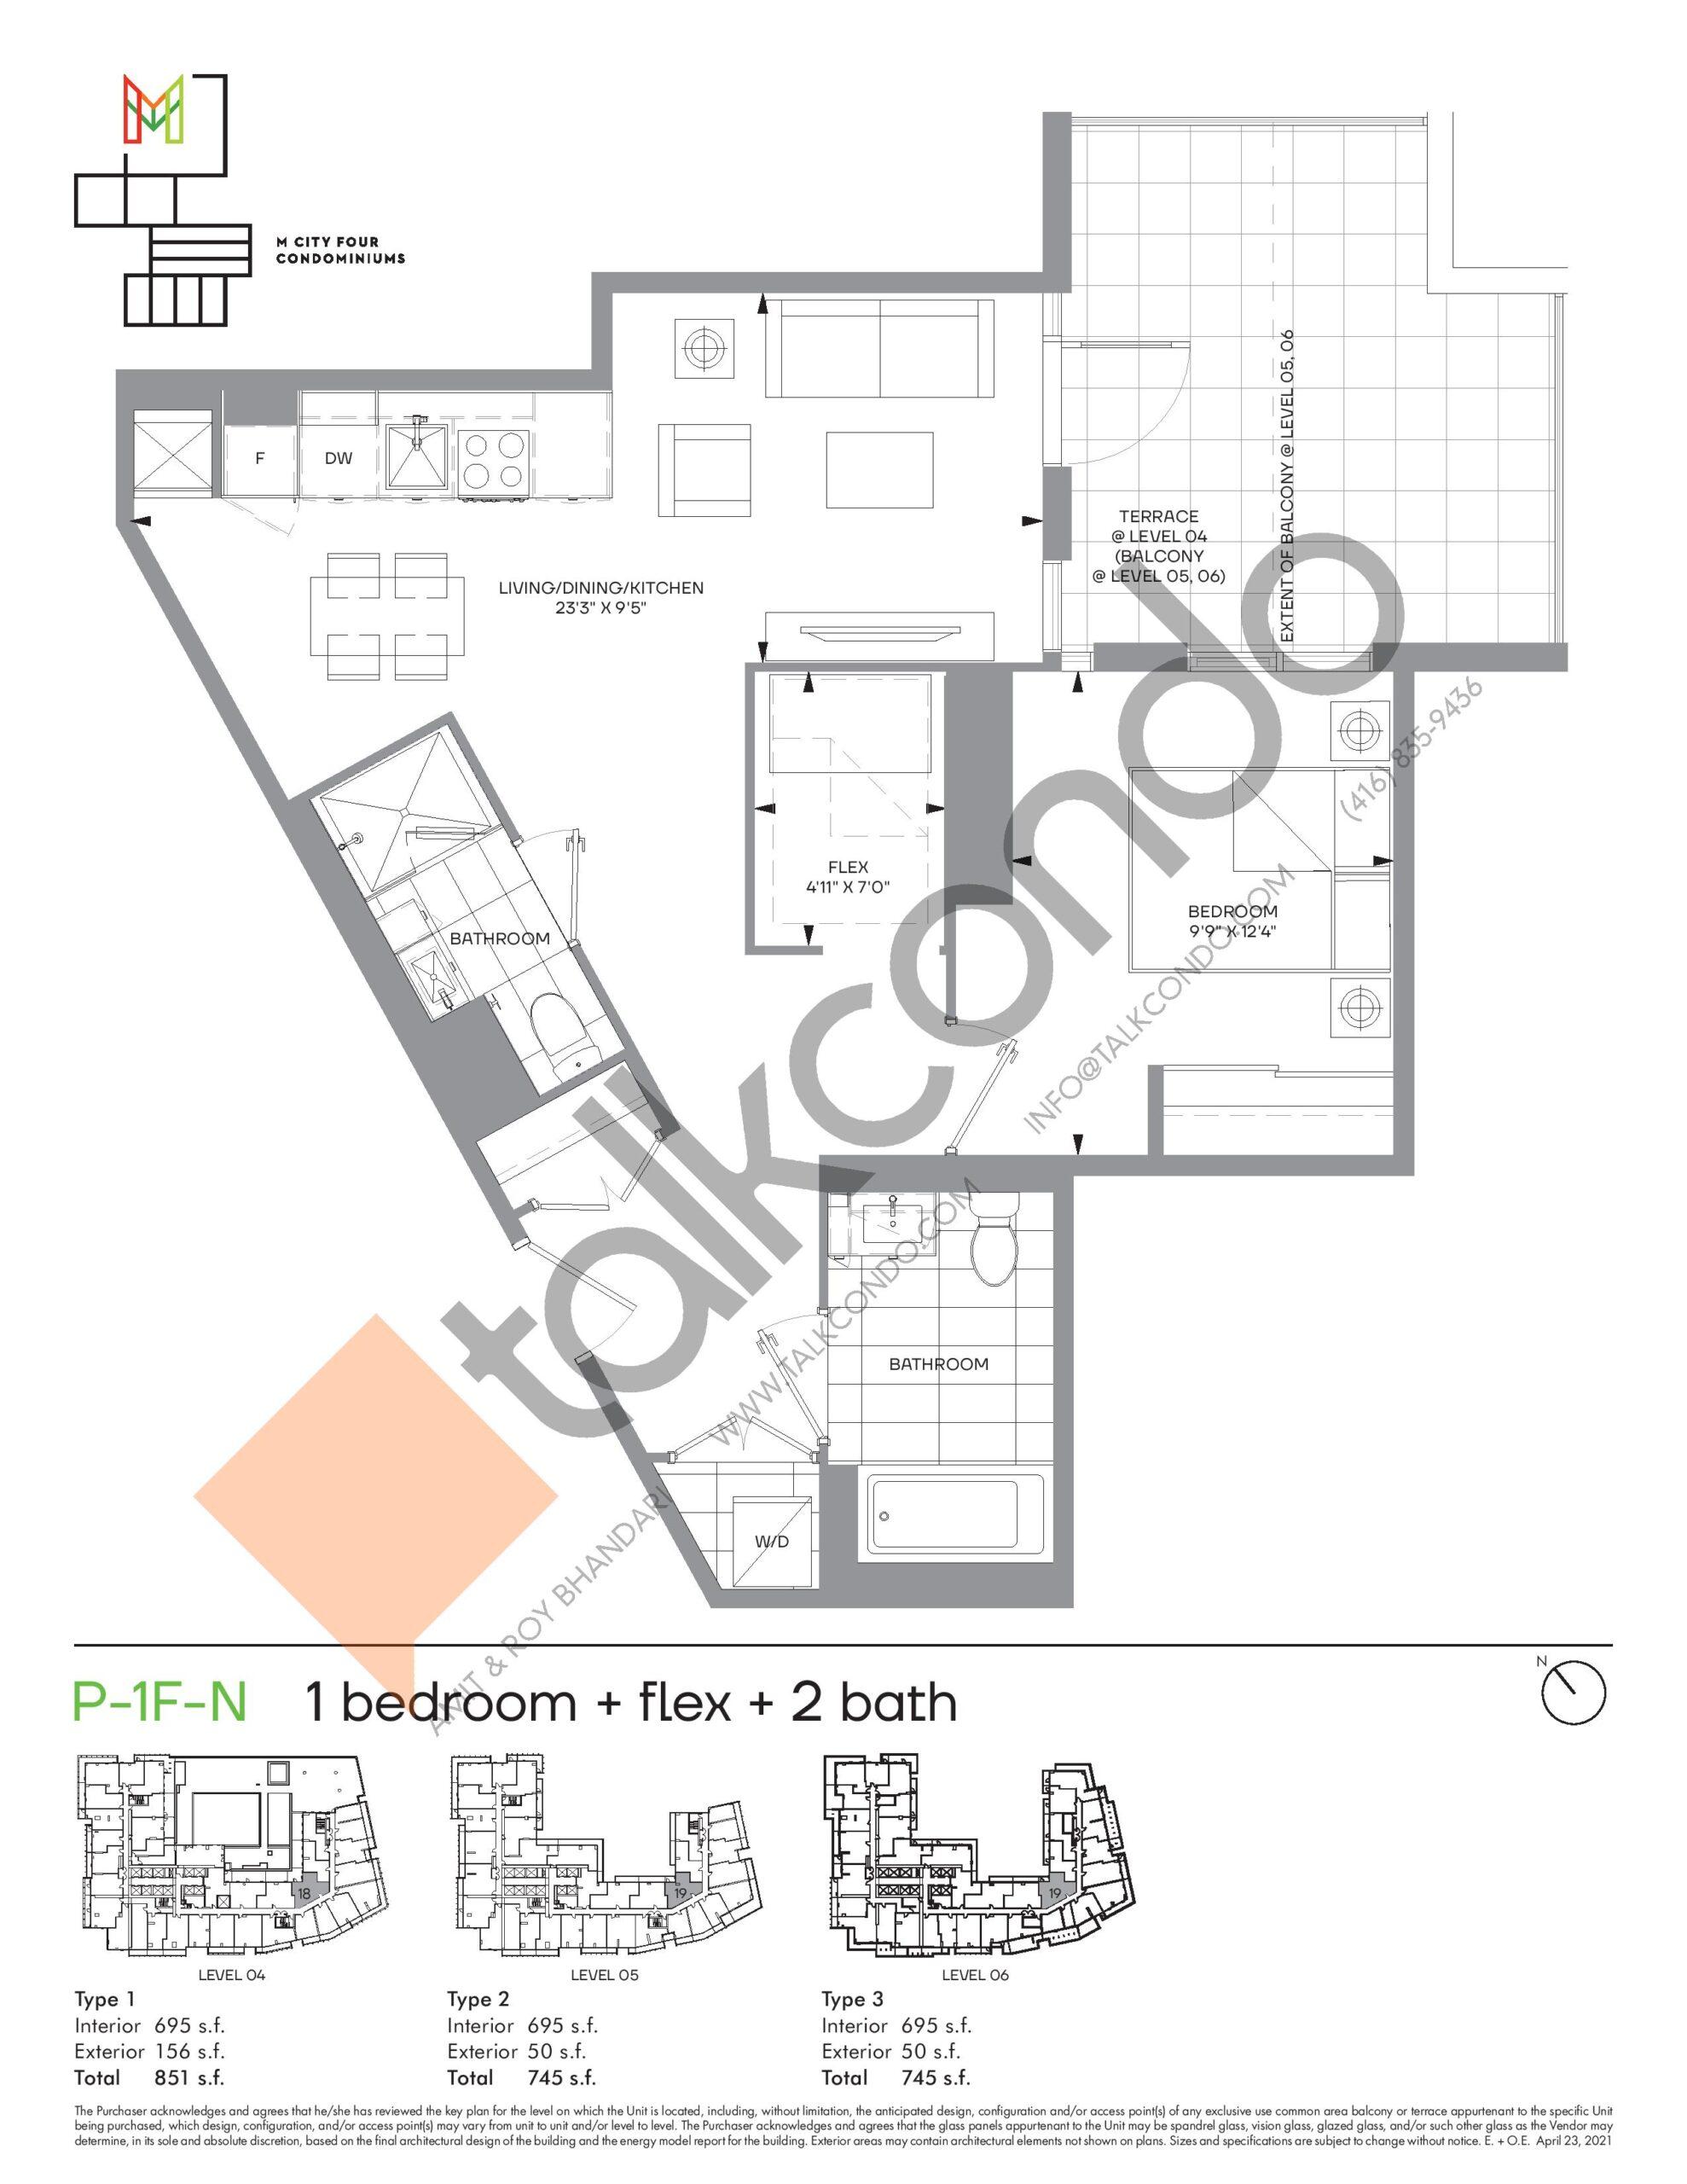 P-1F-N (Podium) Floor Plan at M4 Condos - 695 sq.ft